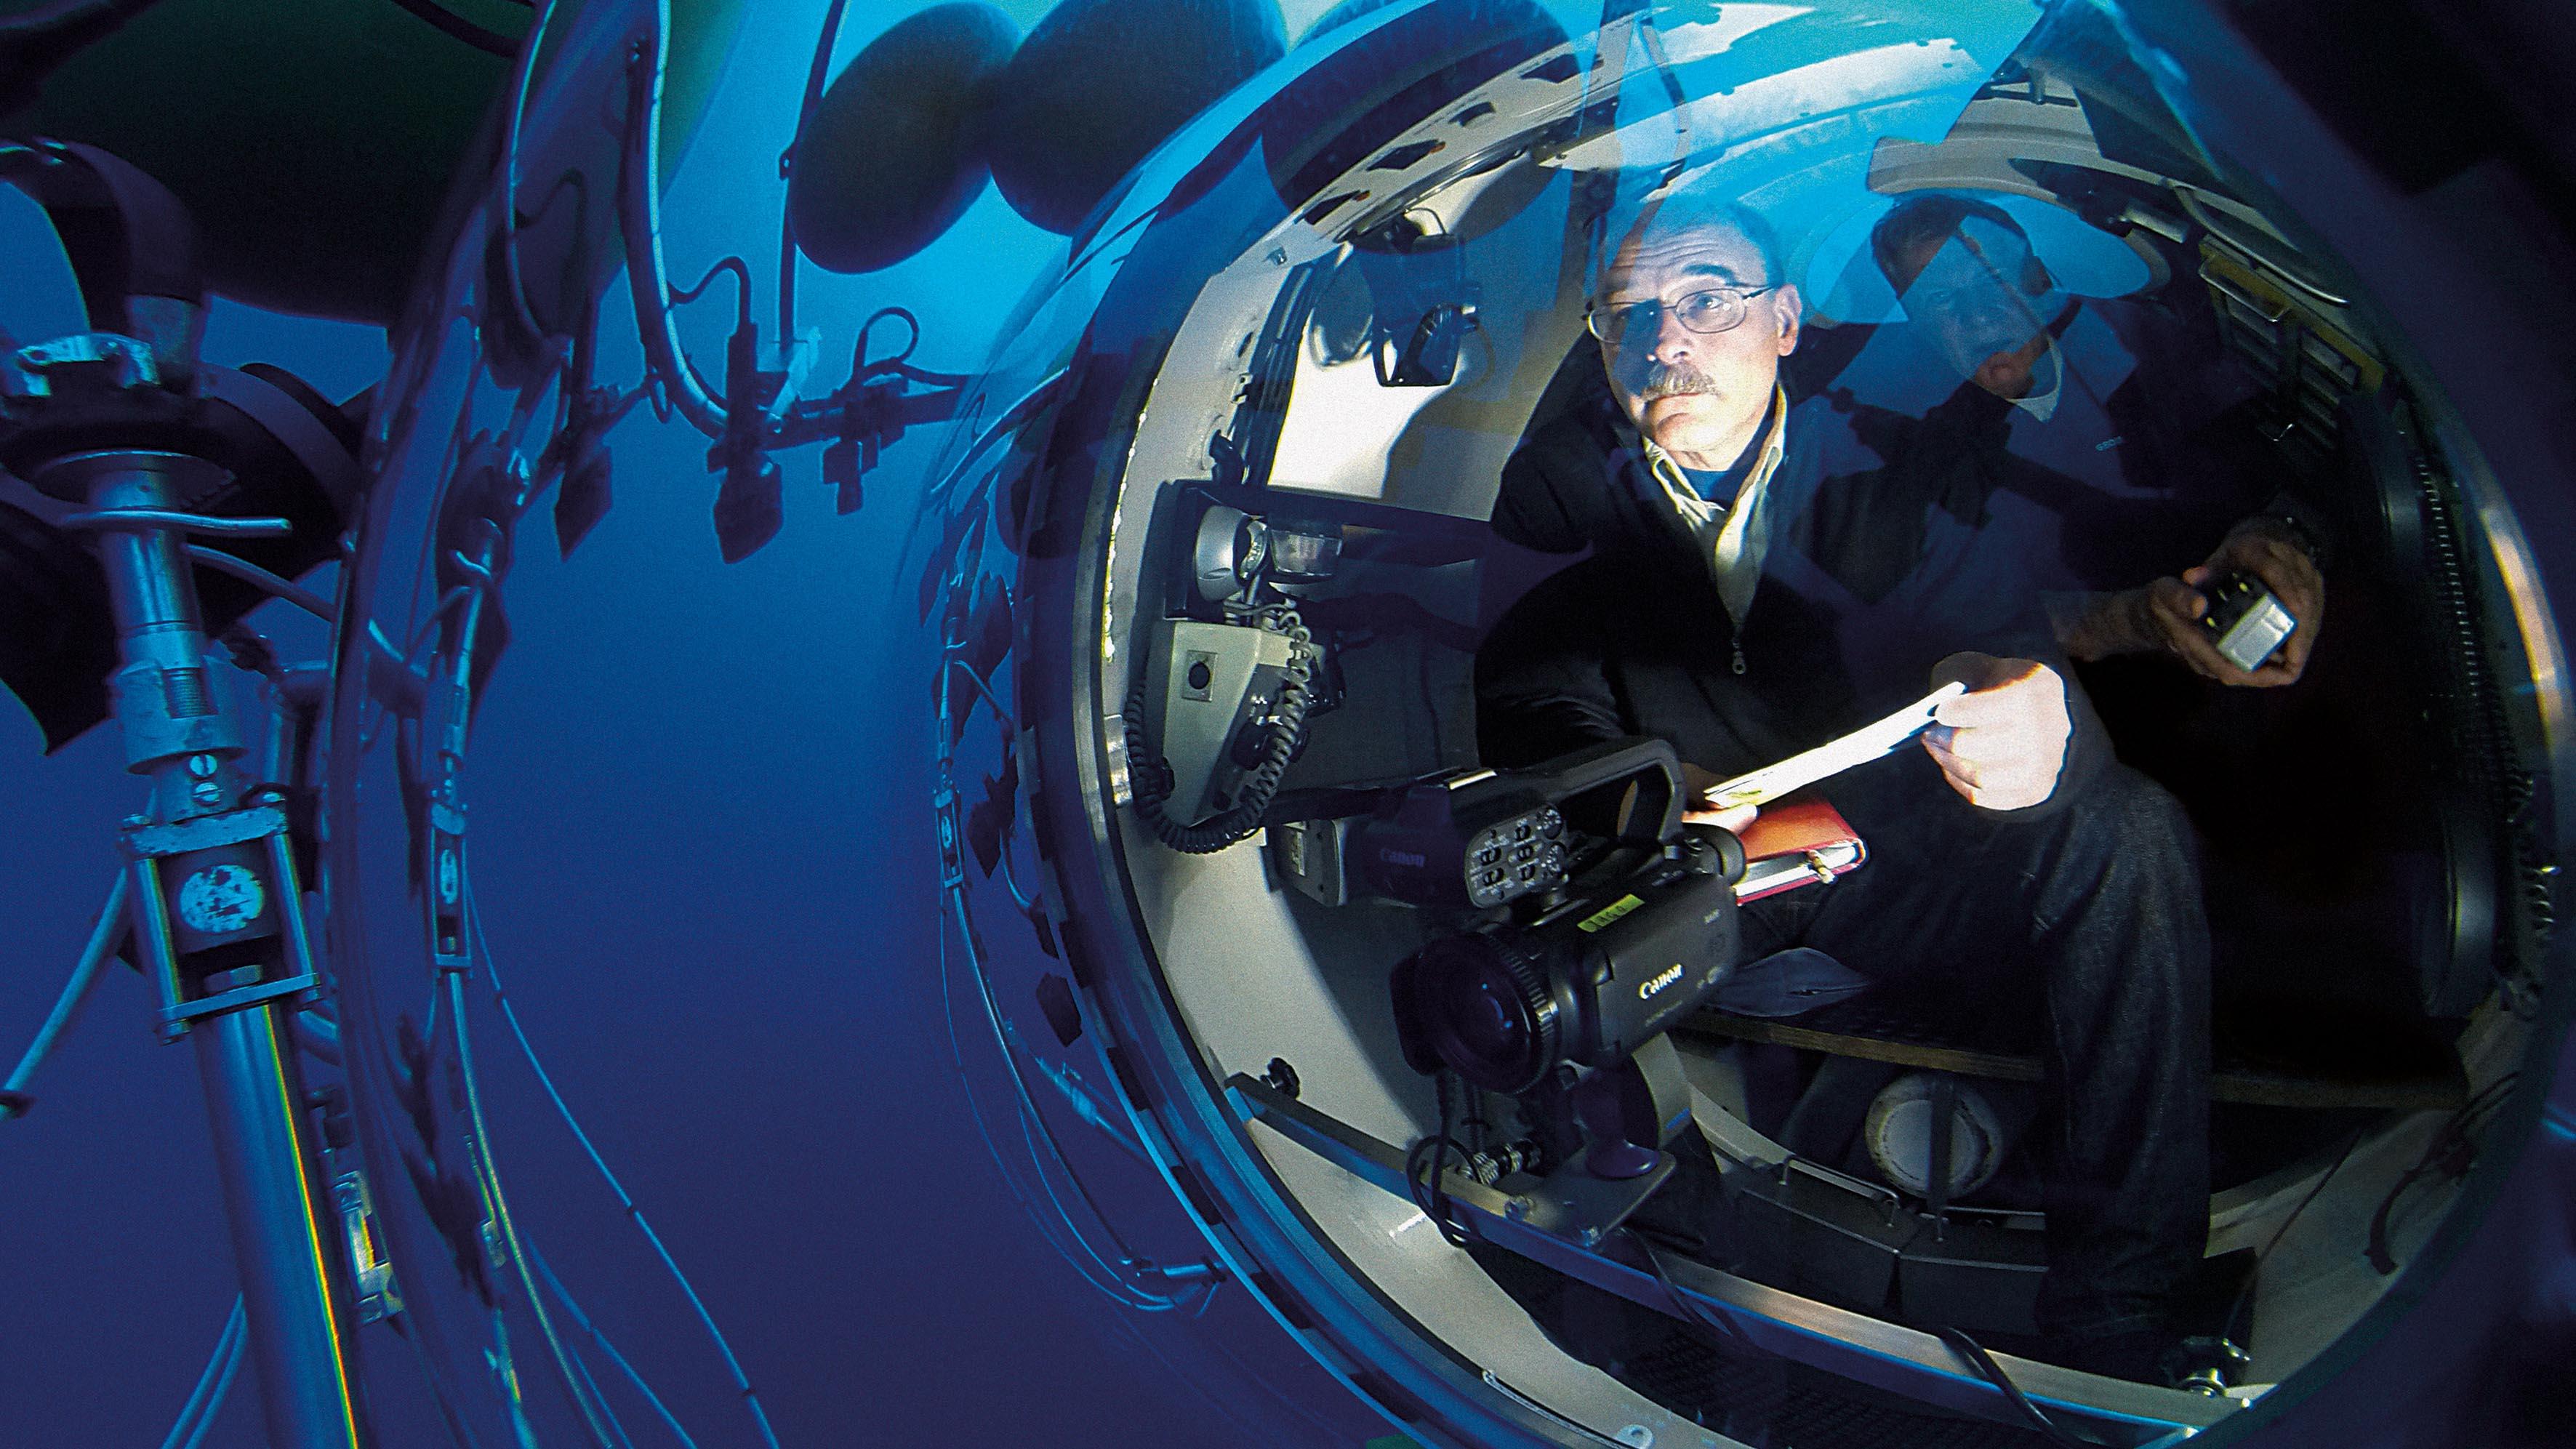 Un homme assis dans un sous-marin